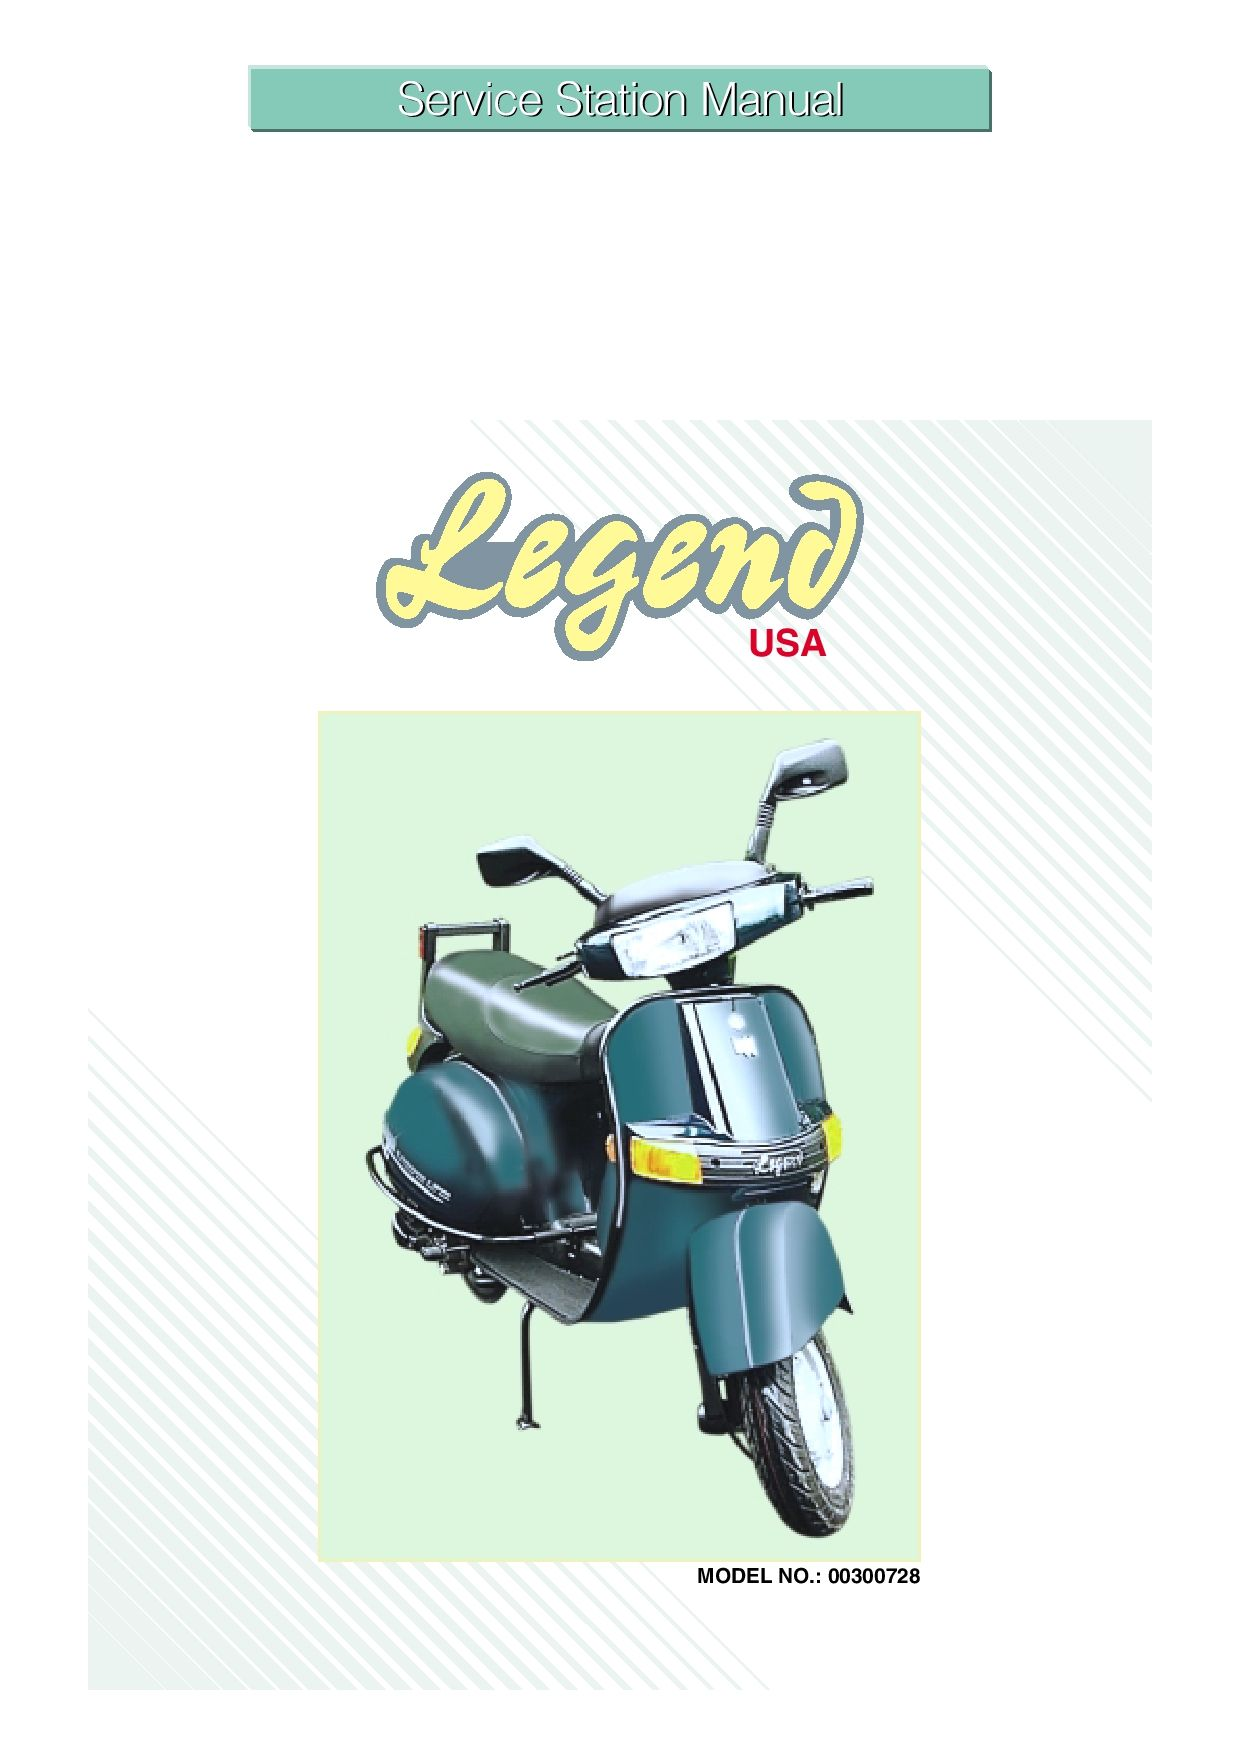 Bajaj Legend Repair Manual Pdf Download